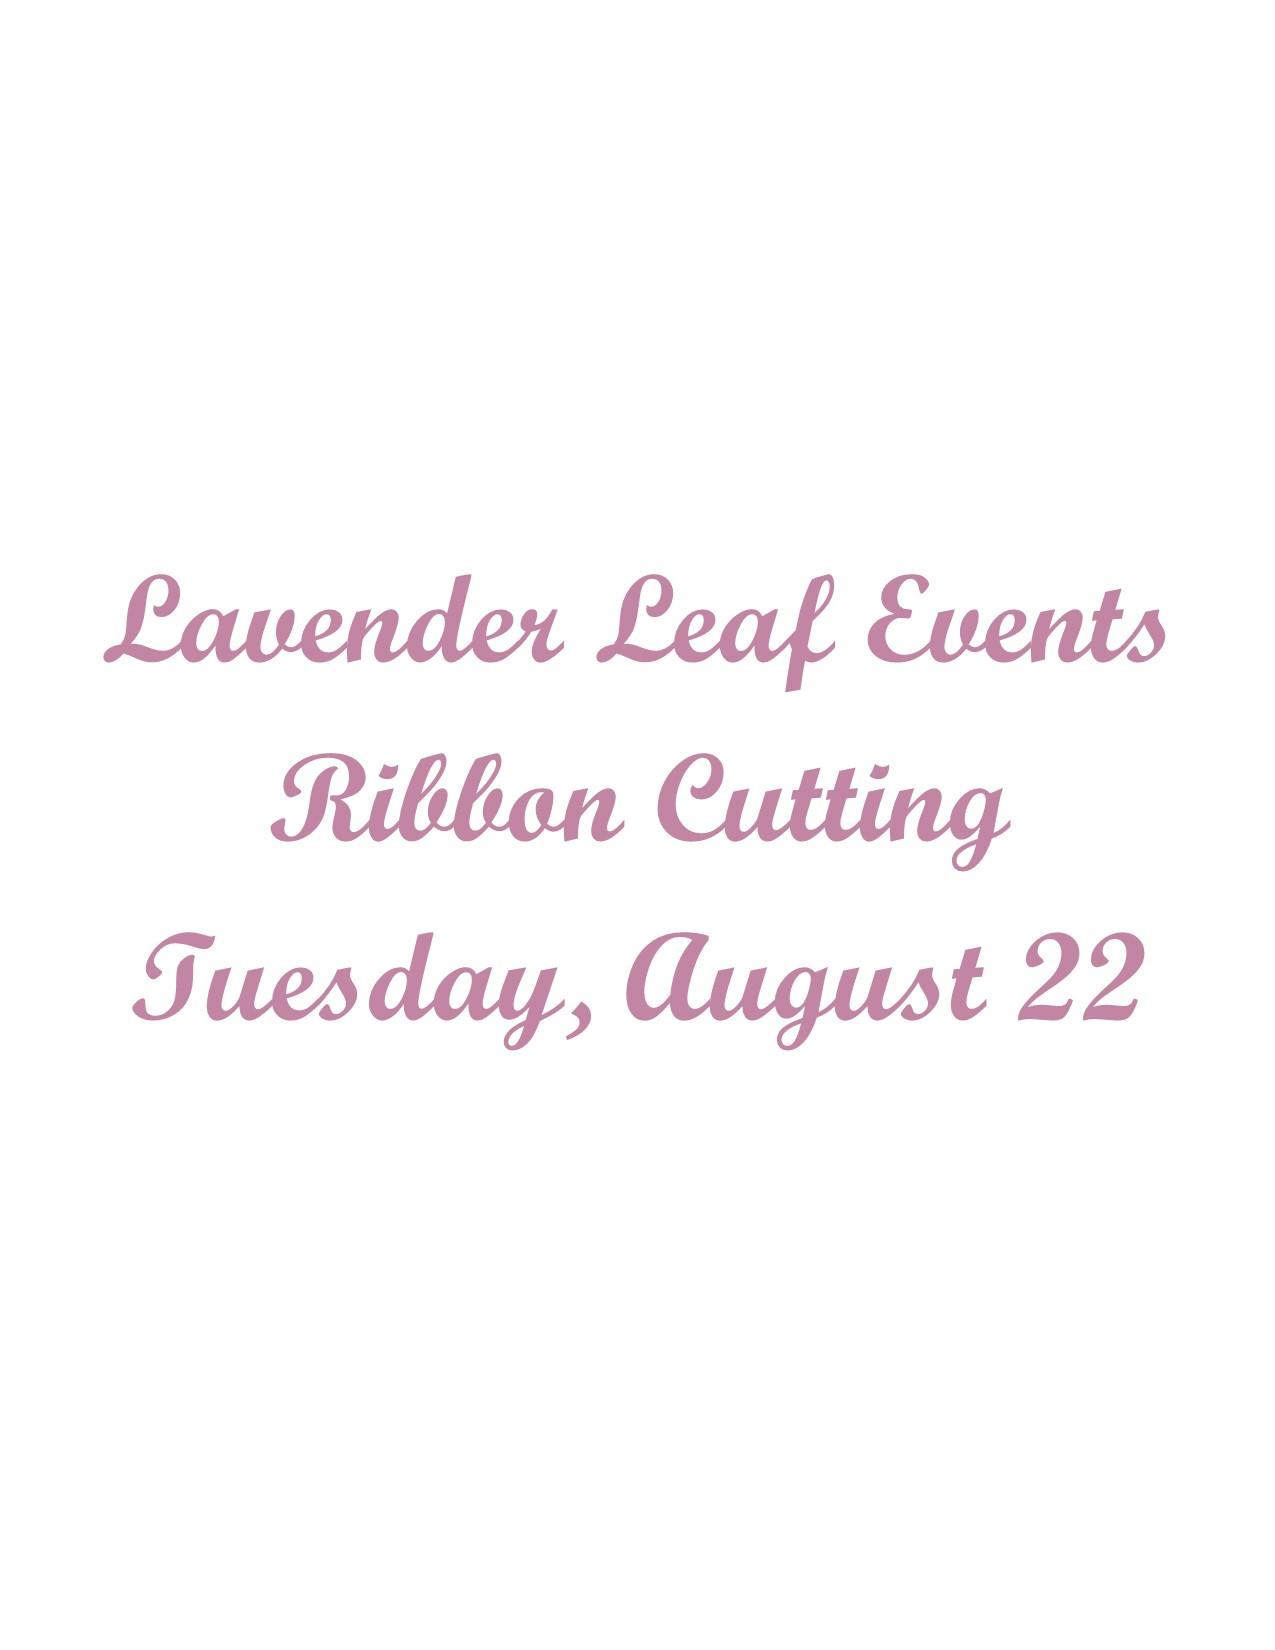 Lavender-Leaf-Events.jpg